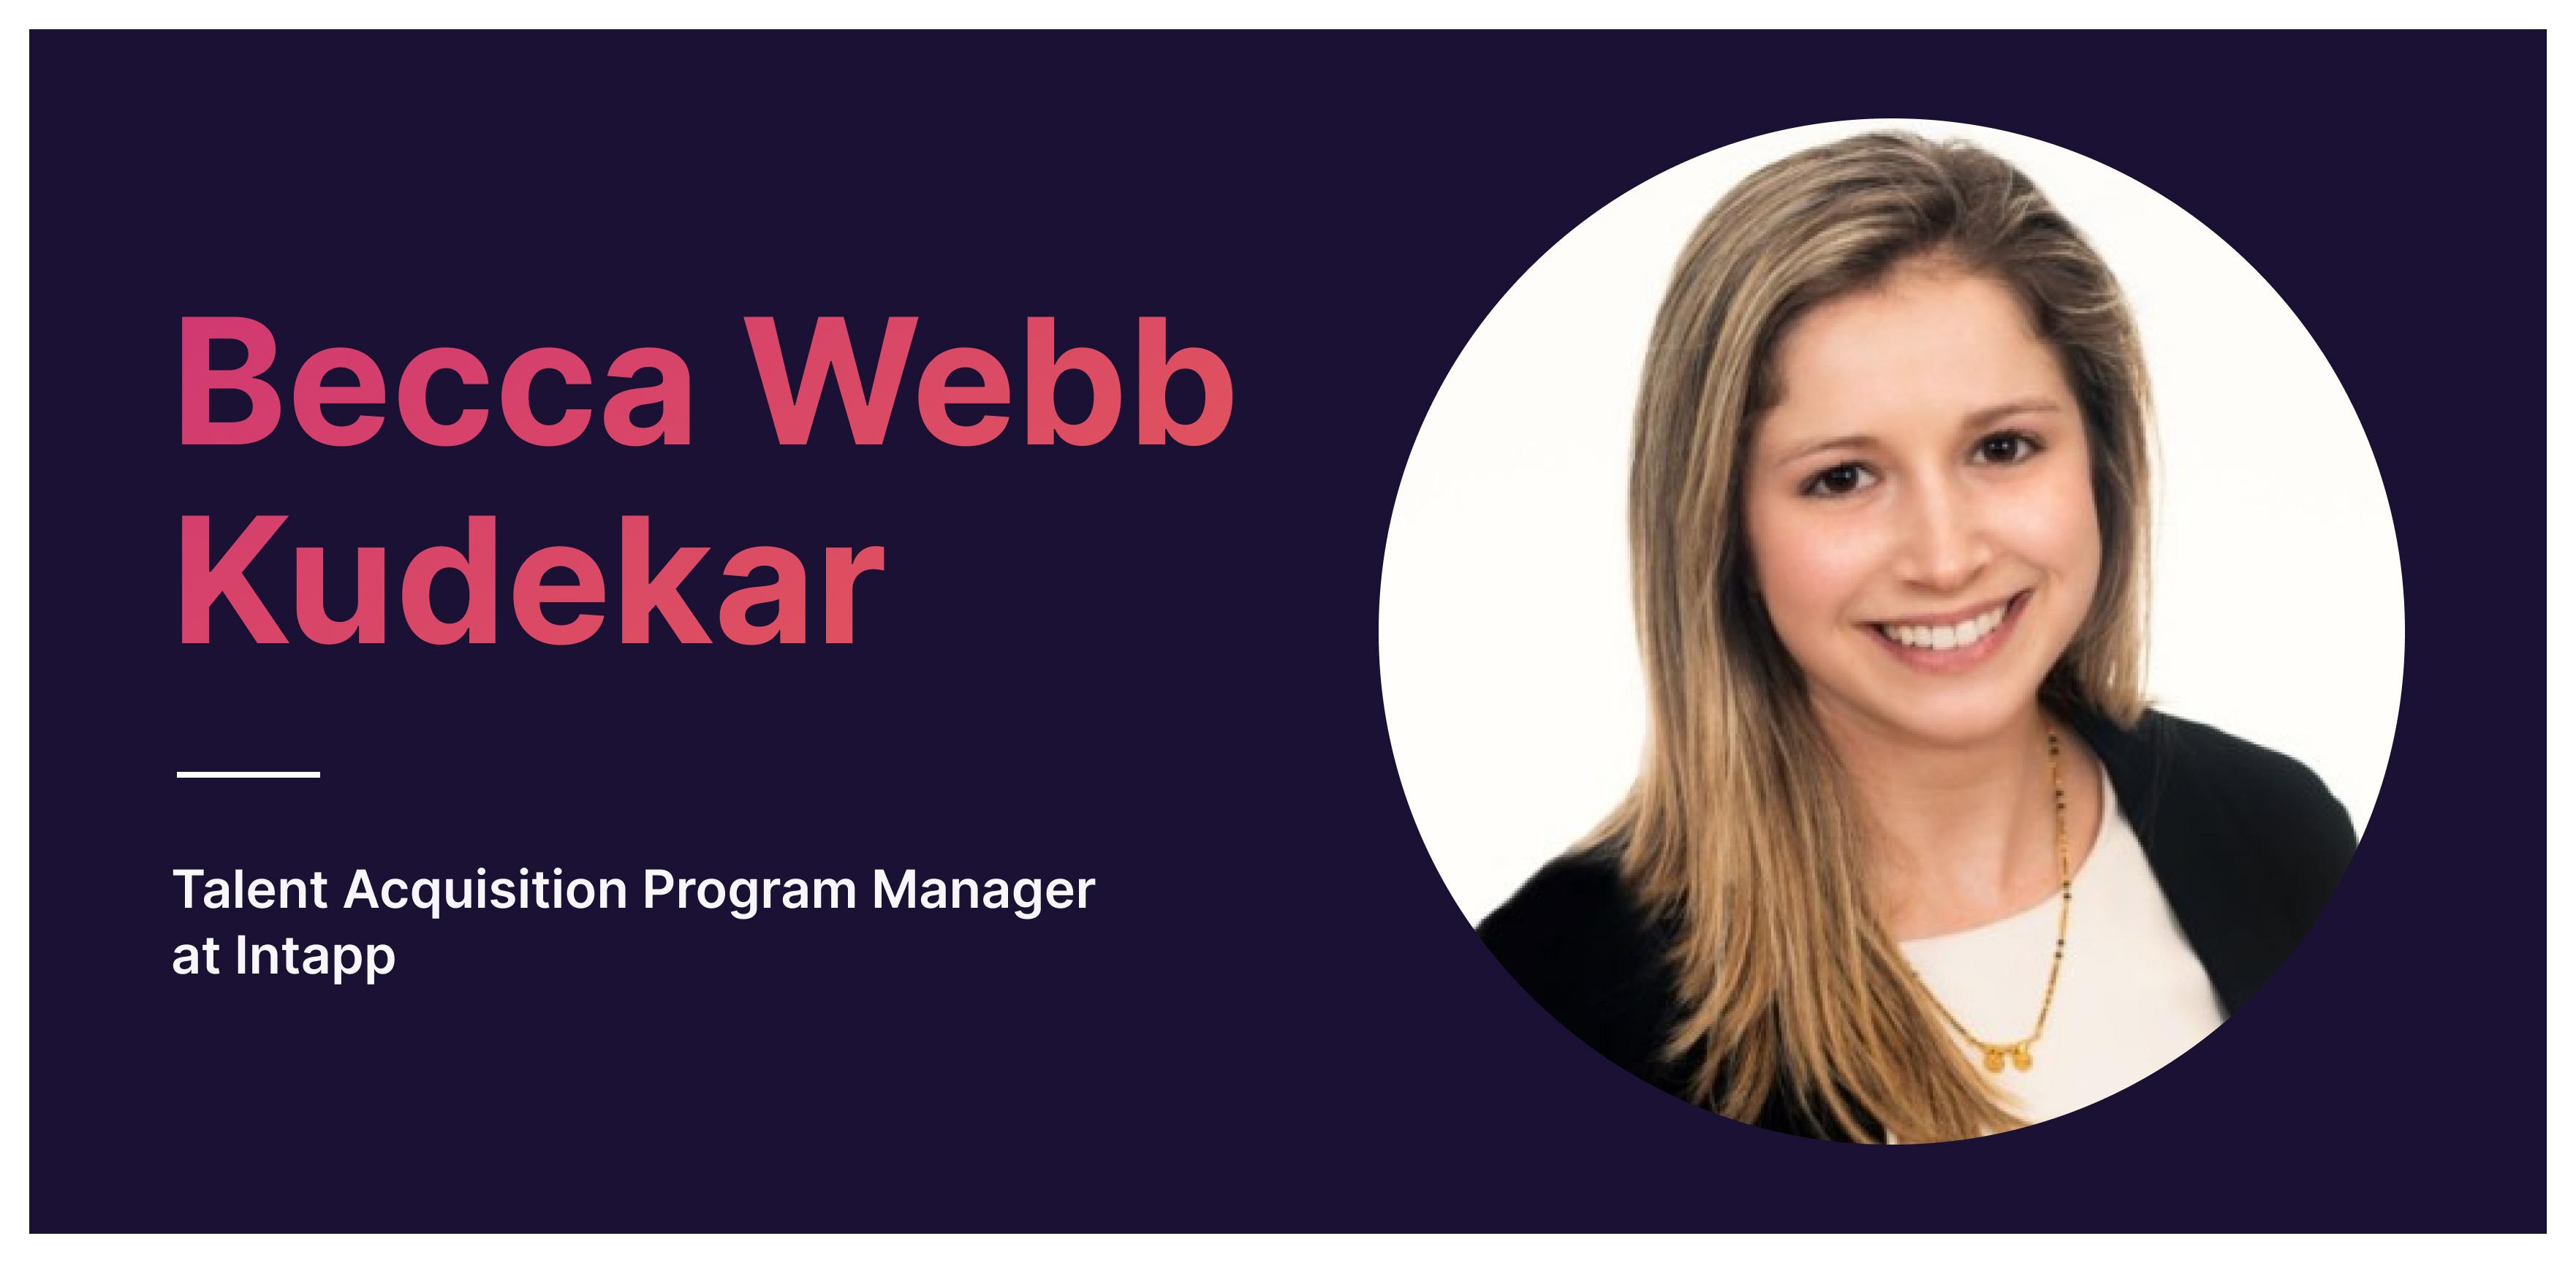 Becca Webb Kudekar.jpg